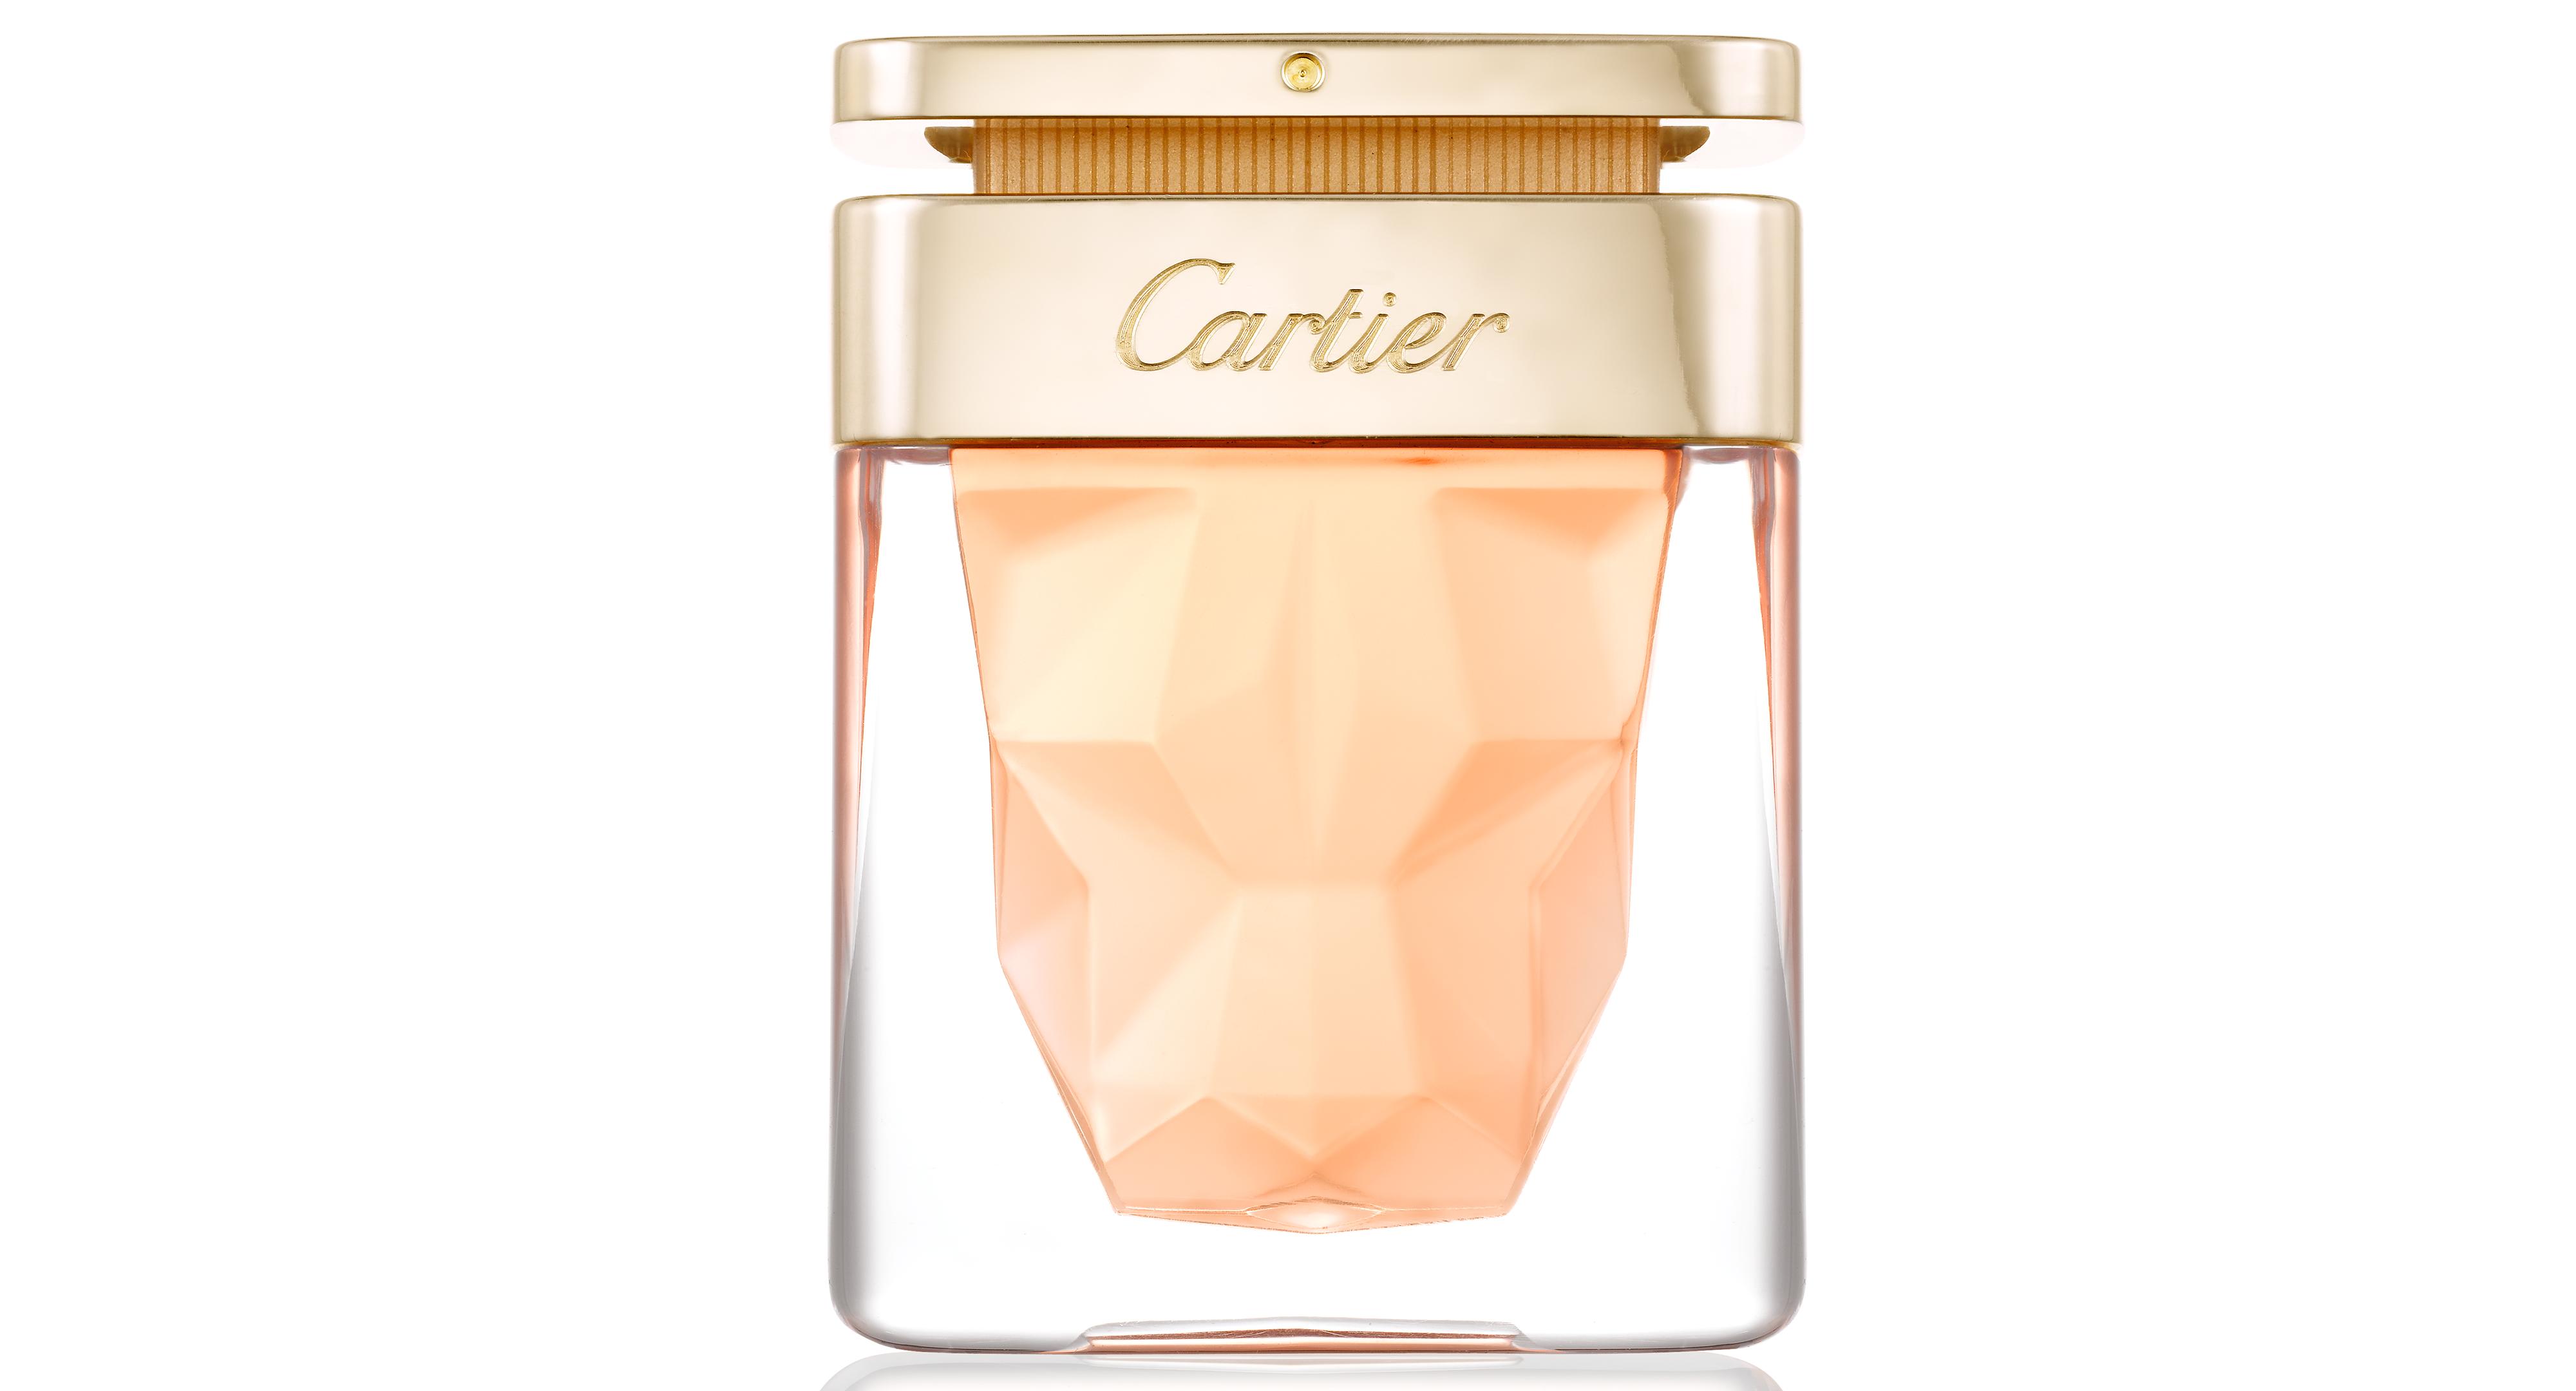 De Cartier Parfum OzProducts La Panthere Eau Spray1 K1JcFTl3